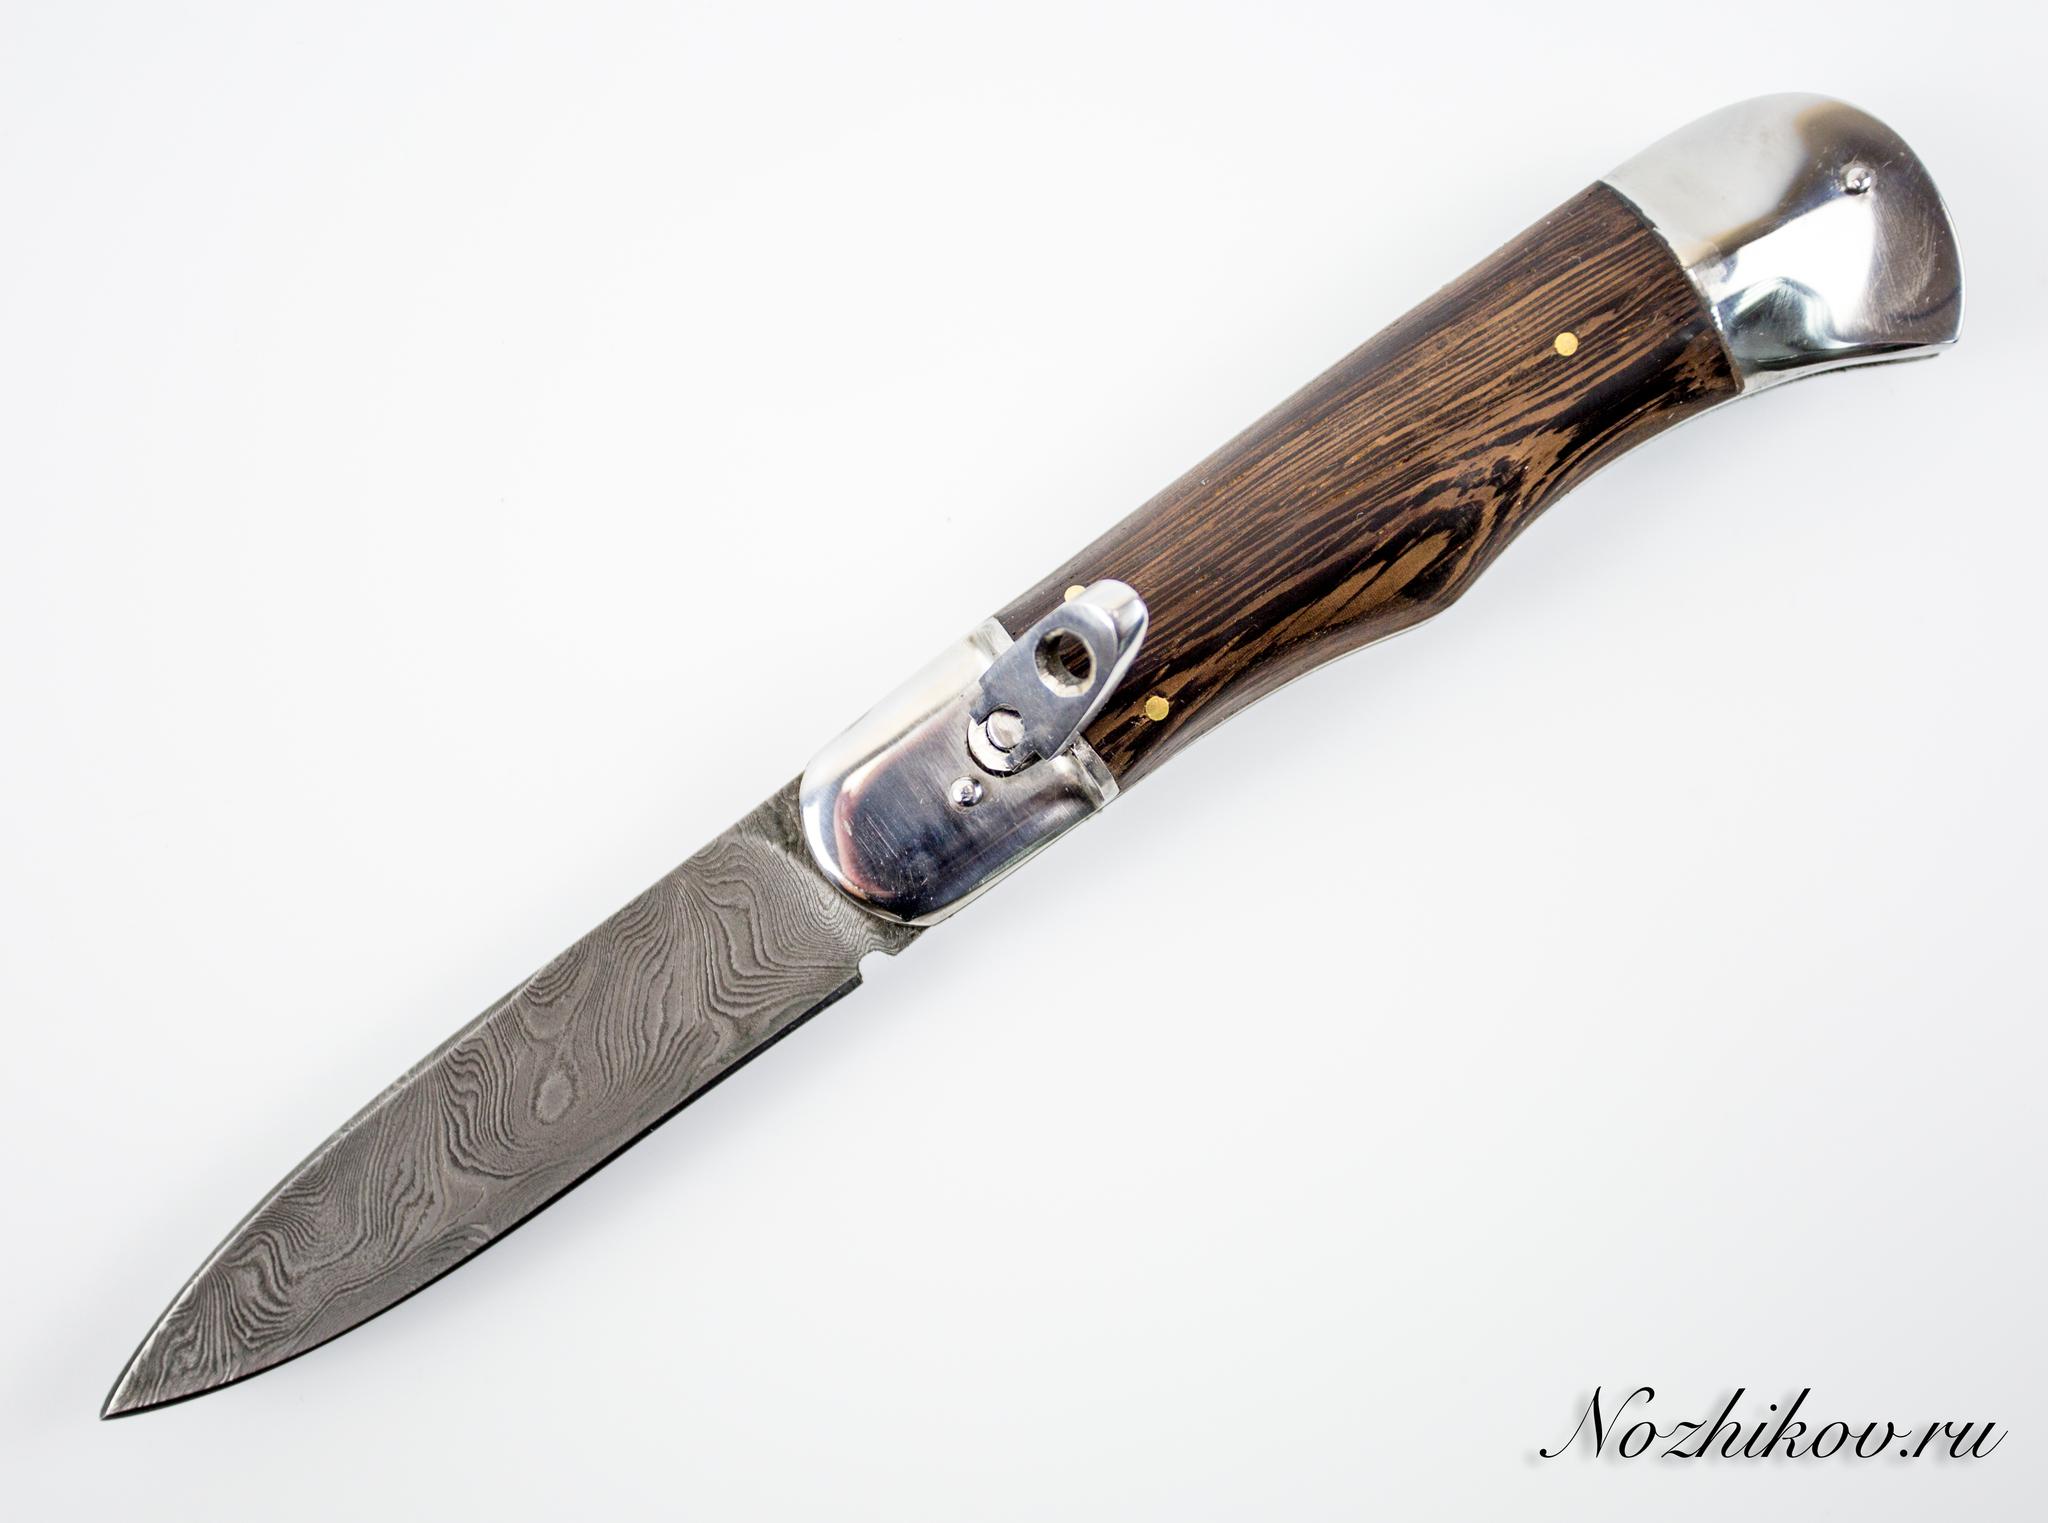 Выкидной нож Фантомас, дамаскНожи Ворсма<br>Автоматический нож с боковым выбросом клинка.<br>Клинок копьевидной формы с односторонней заточкой.<br>Накладки рукояти из эбенового дерева.<br>